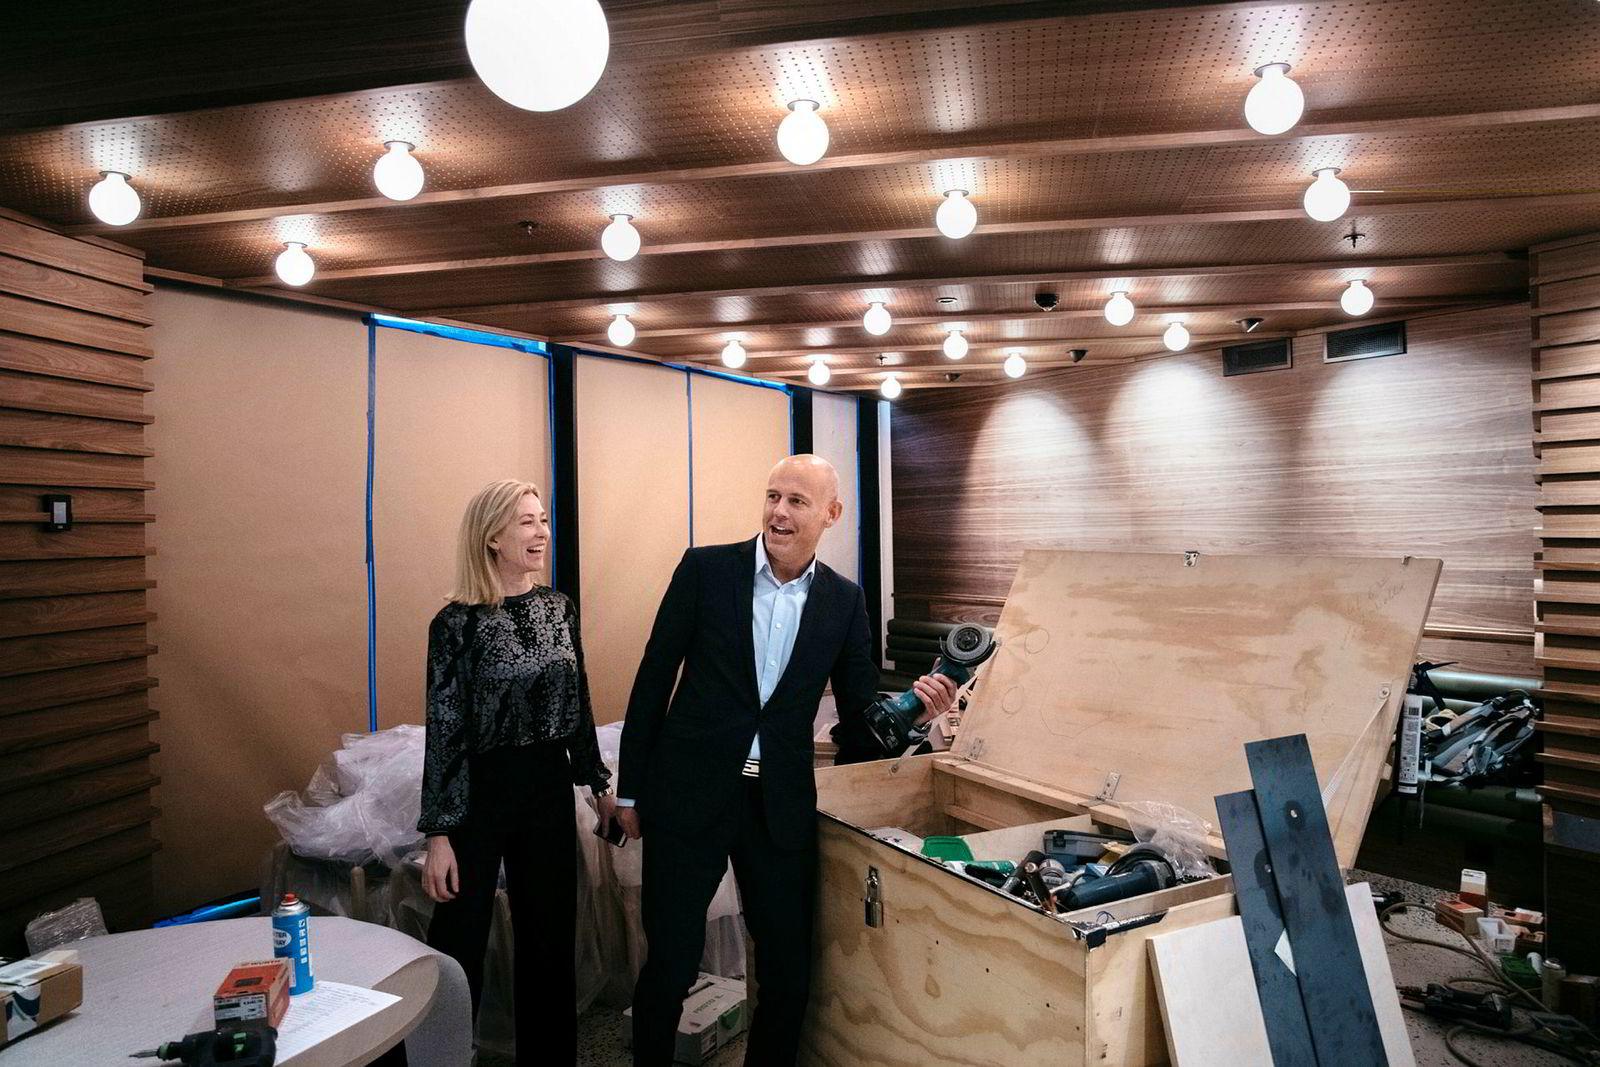 Utleiesjef Ingrid Moe og administrerende direktør Leif Arne Røsnes i Braathen Eiendom gleder seg til restaurantlokalene i Haakon VII-gate er klare. Mandag åpner dørene.